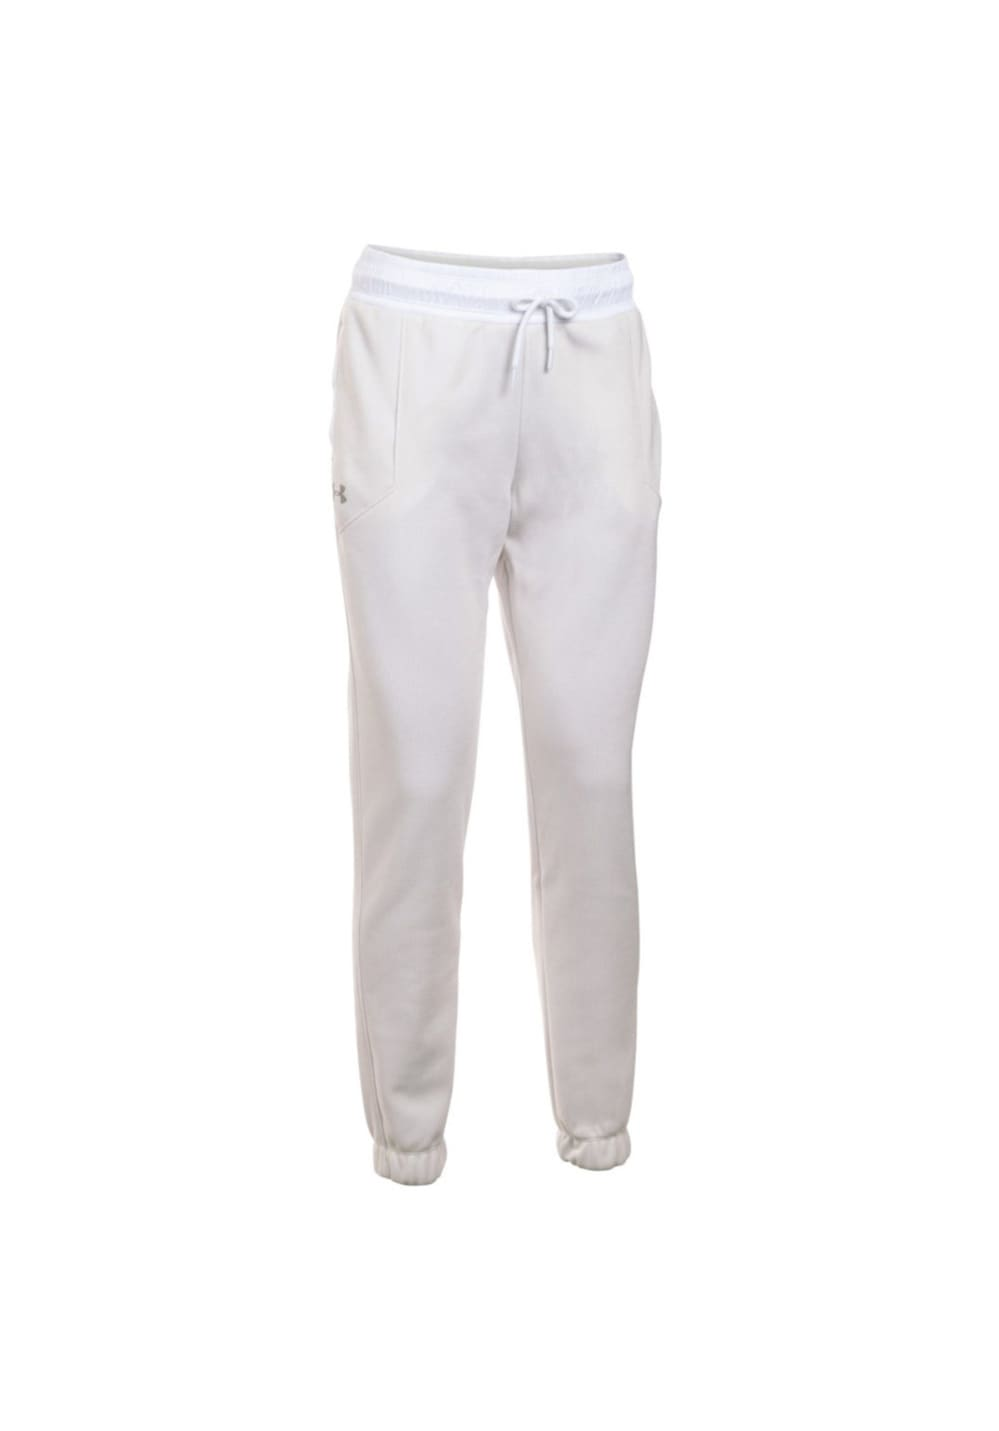 Under Armour Swacket Pant - Fitnesshosen für Damen - Weiß, Gr. M